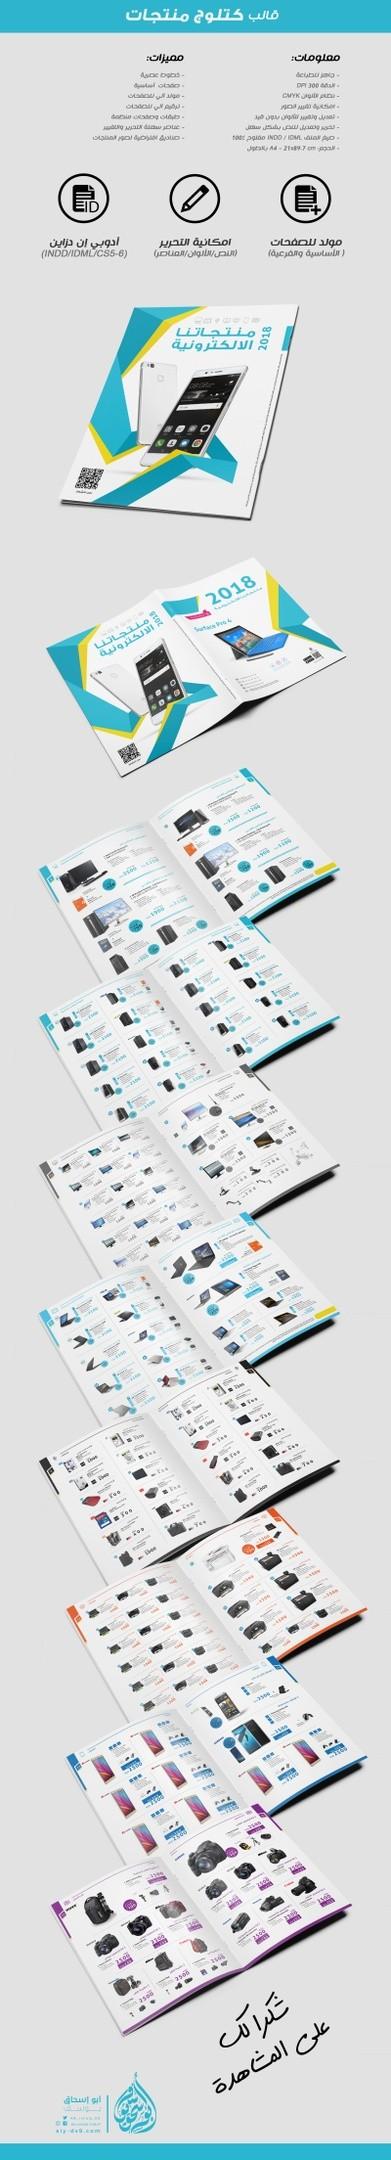 INDD قالب كتلوج طباعي للمنتجات الالكترونية للانديزاين